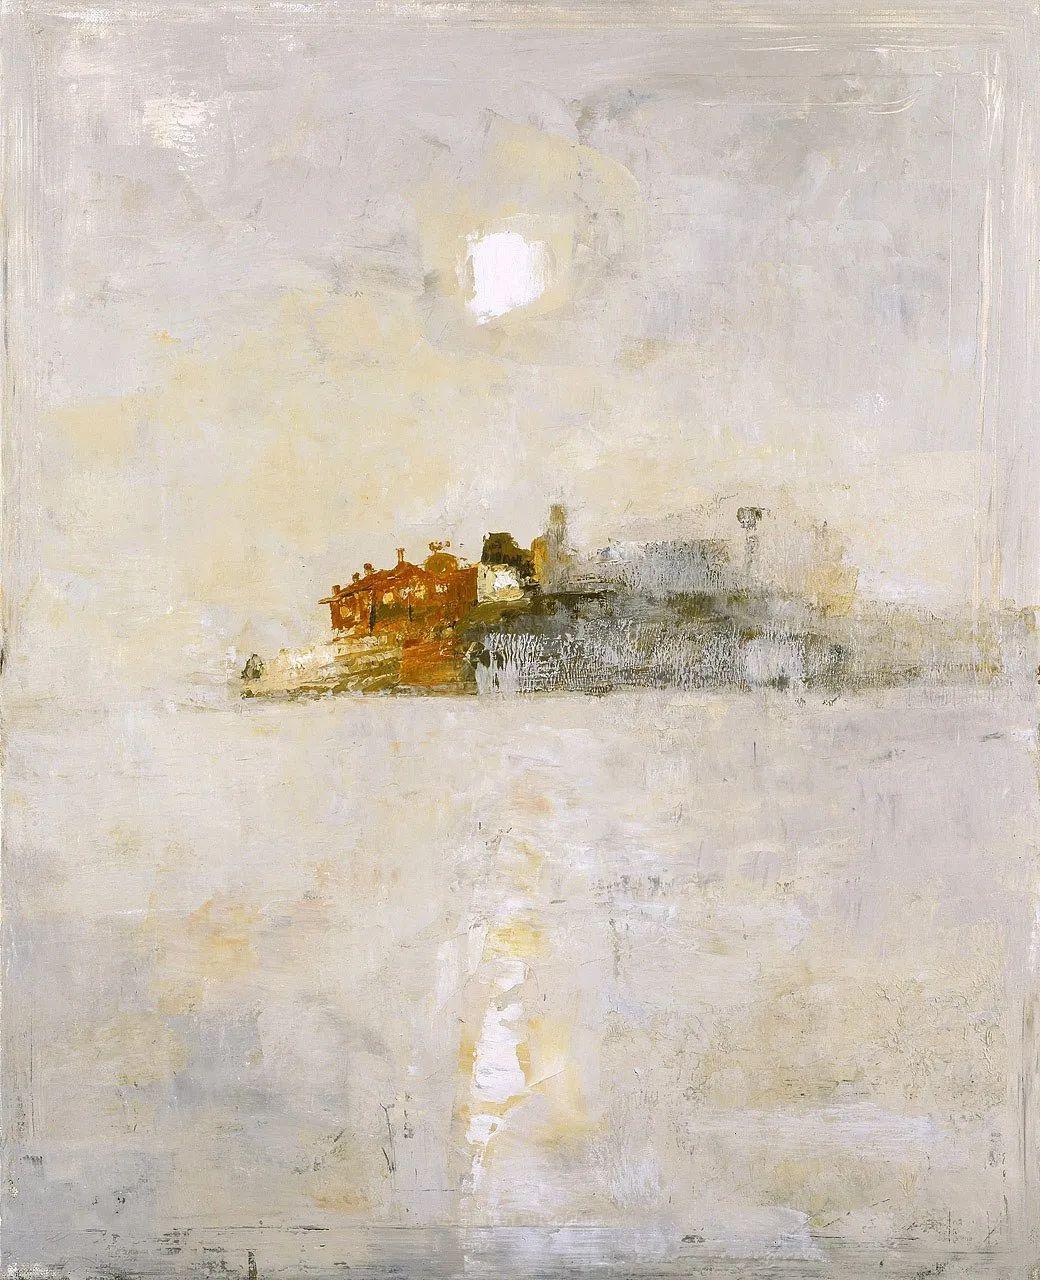 马耳他女画家 Goxwa Borg 戈克斯瓦·博格作品欣赏: 古典又现代!插图57